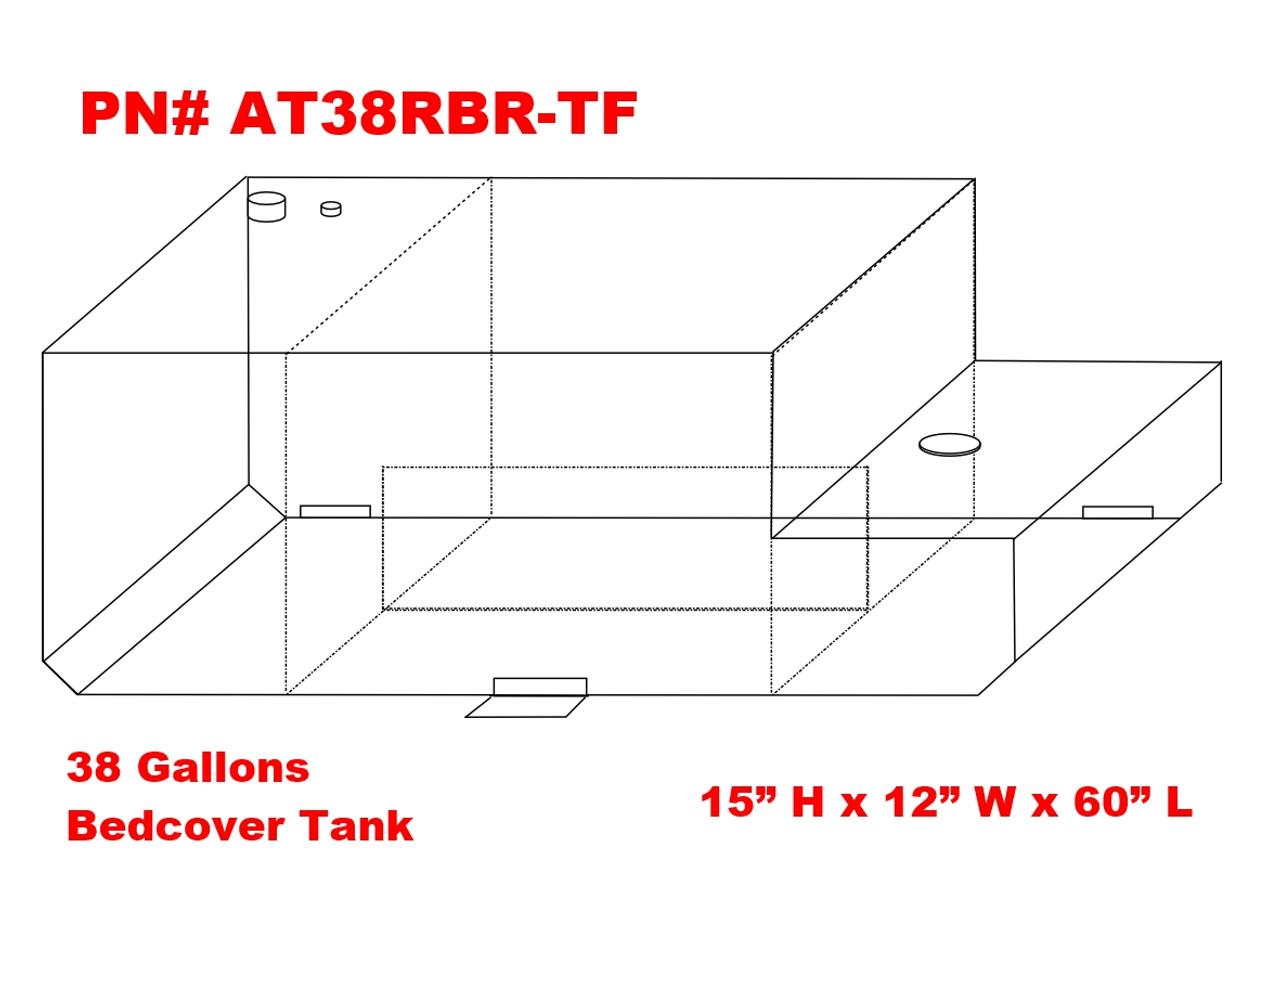 small resolution of at38rbr tf dot legal transfer tank pn at38rbr tf 38 gallon